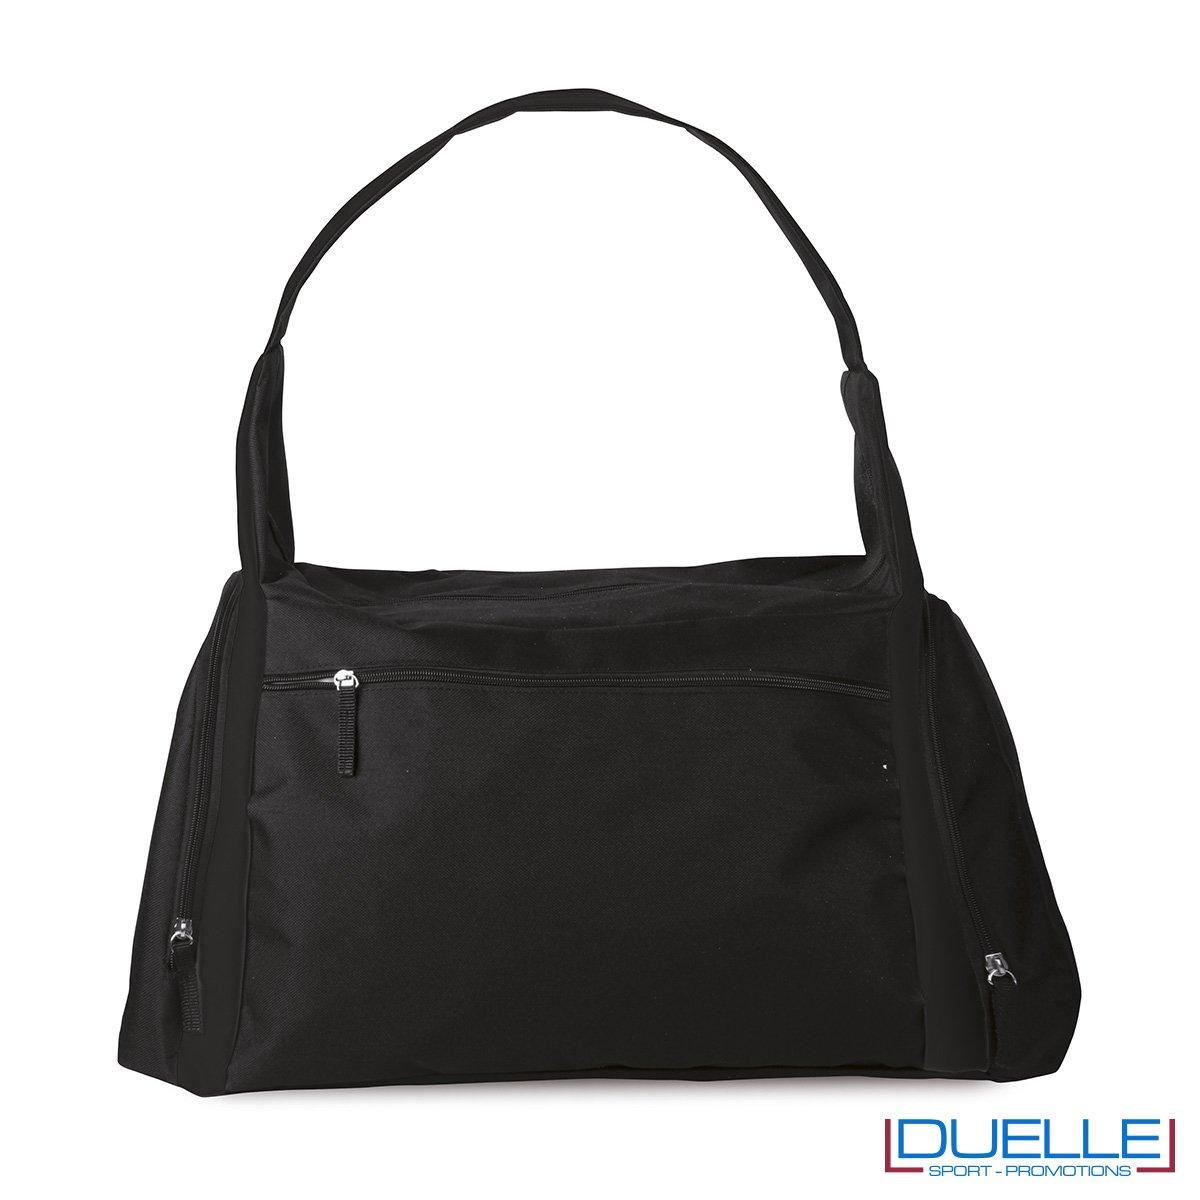 borsa sportiva colore NERA ideale per la palestra, borse sportive personalizzate, gadget sportivi personalizzati